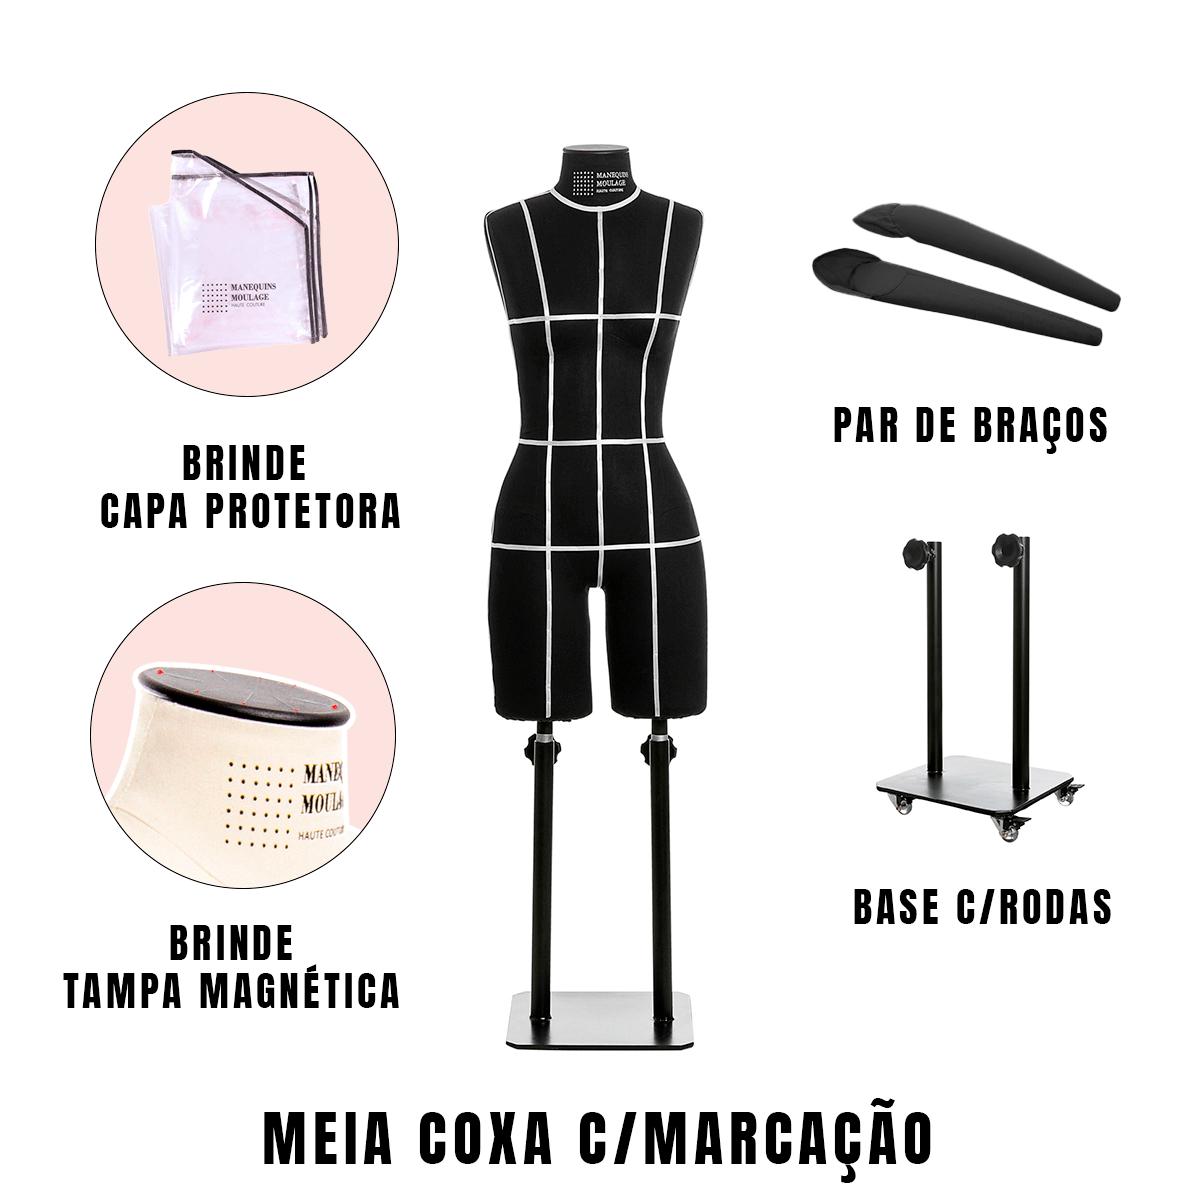 Manequim Feminino Meia Coxa Tamanho 38 Preto com Braços, Rodas e Marcação - SOB ENCOMENDA